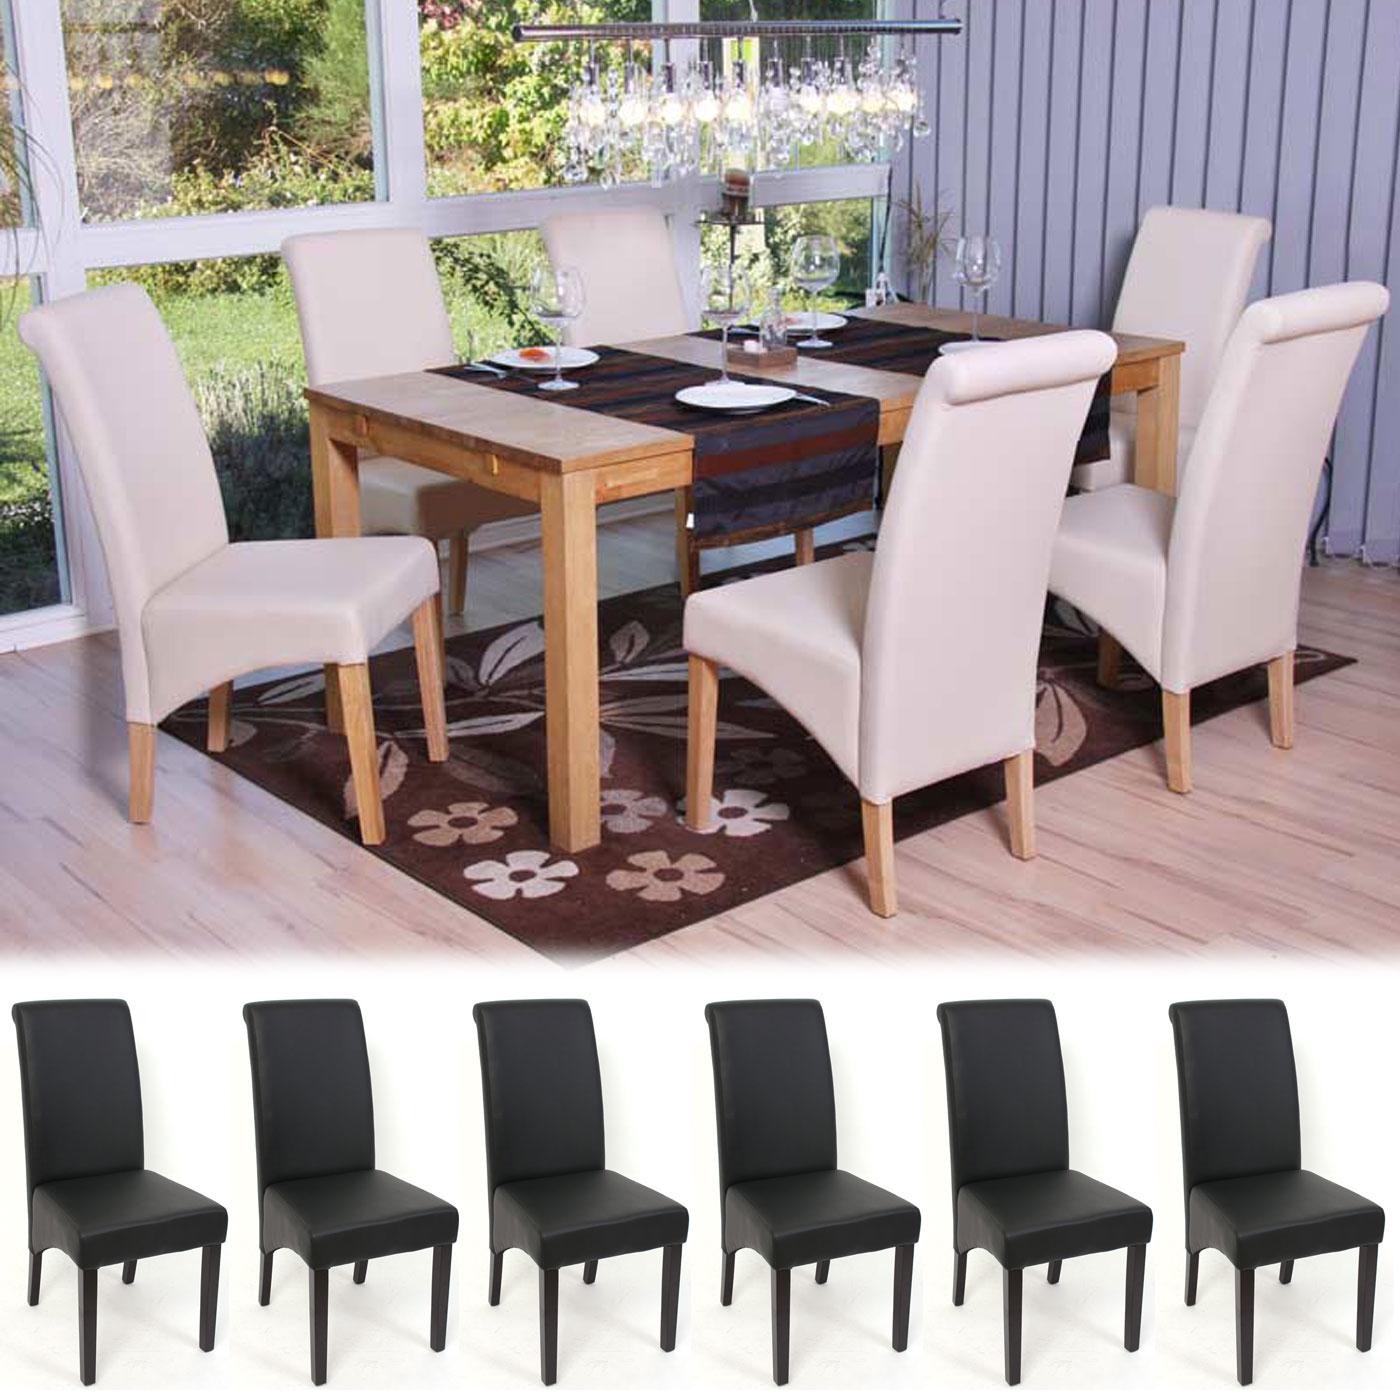 Esszimmerstuhl Stuhl M37 Details 6x Kunstleder zu matt Lehnstuhl 5jqR3AL4